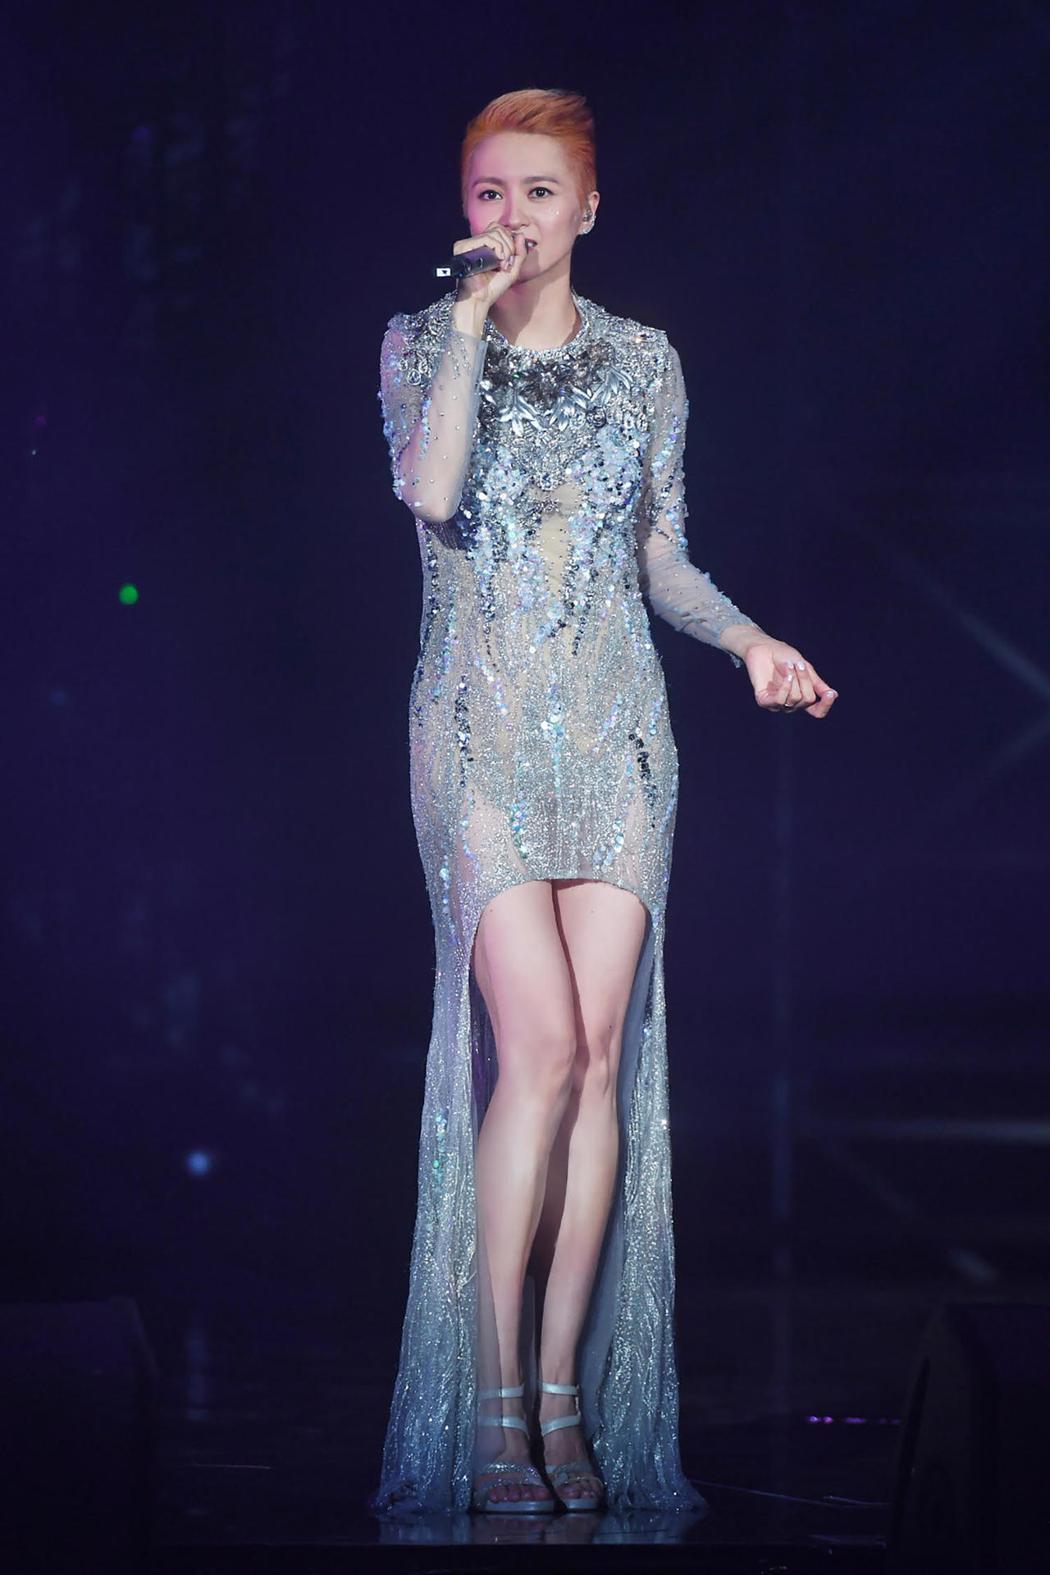 梁詠琪7月8日在洛杉磯開唱。圖/得意智文創提供